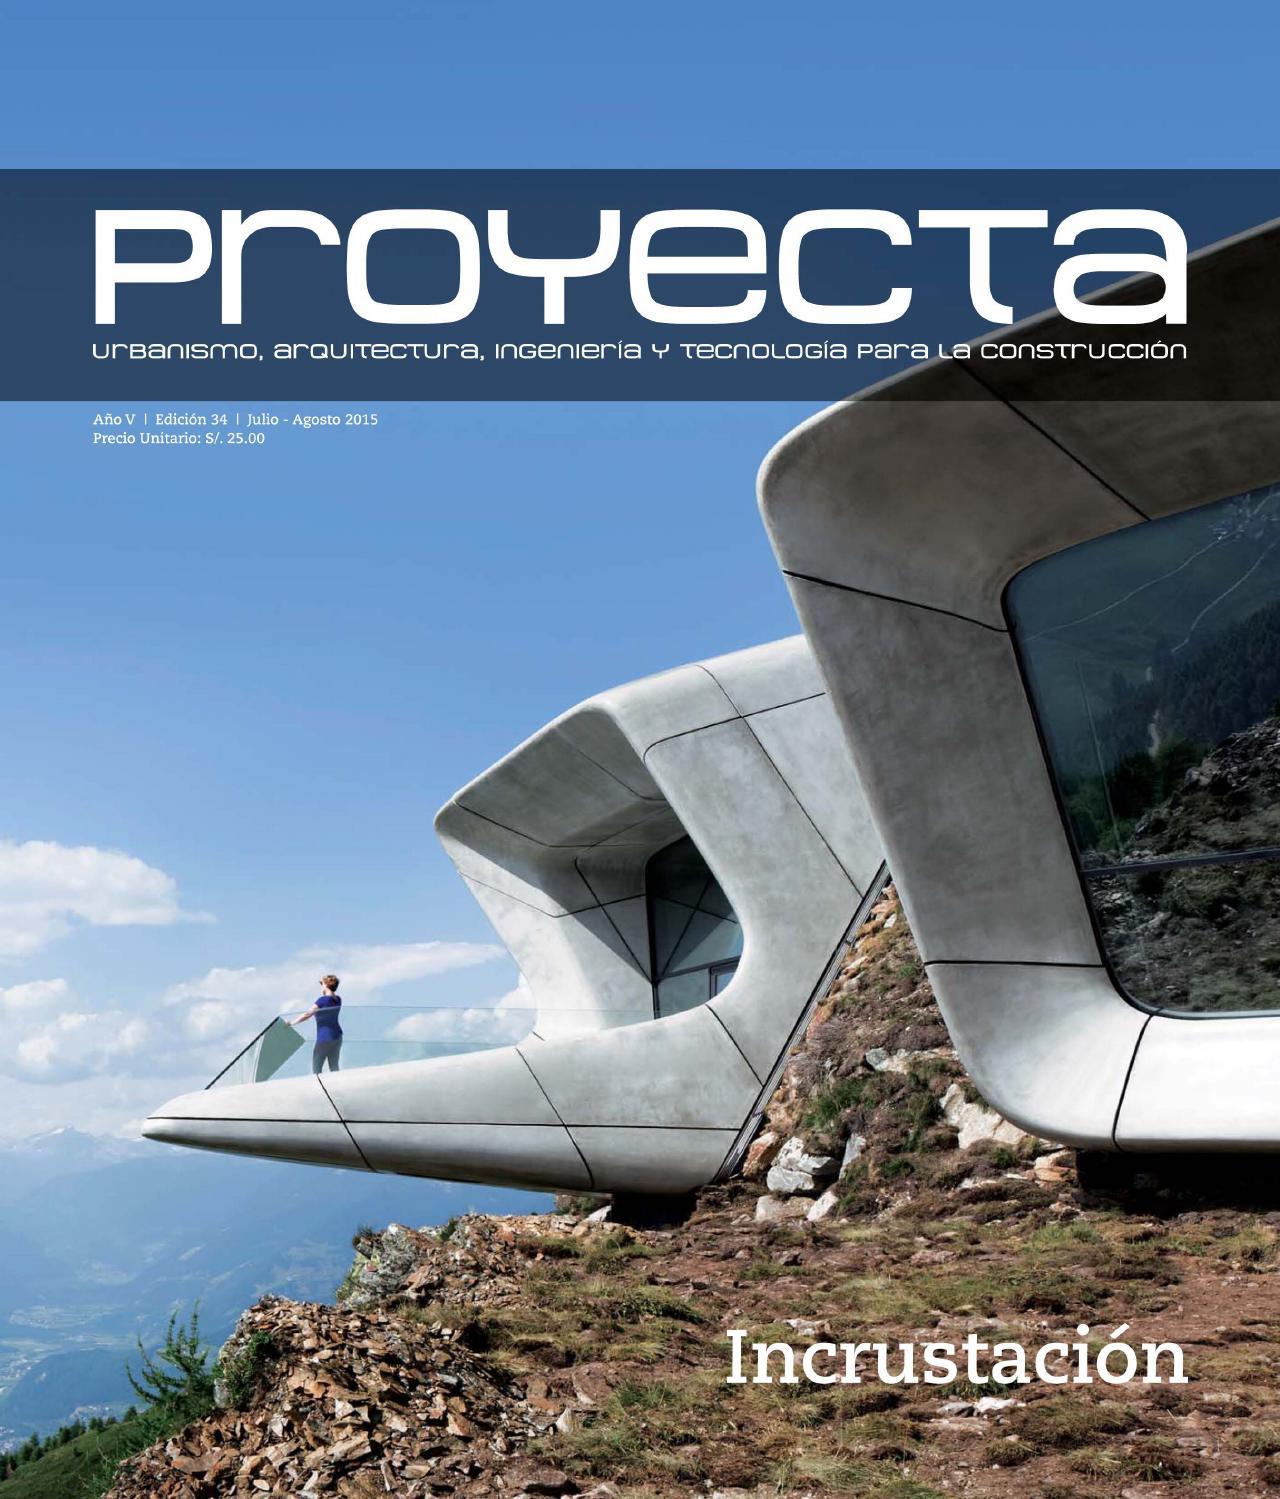 Proyecta ed 34 lima peru by construcci n y vivienda issuu for Precio de puertas levadizas en lima peru